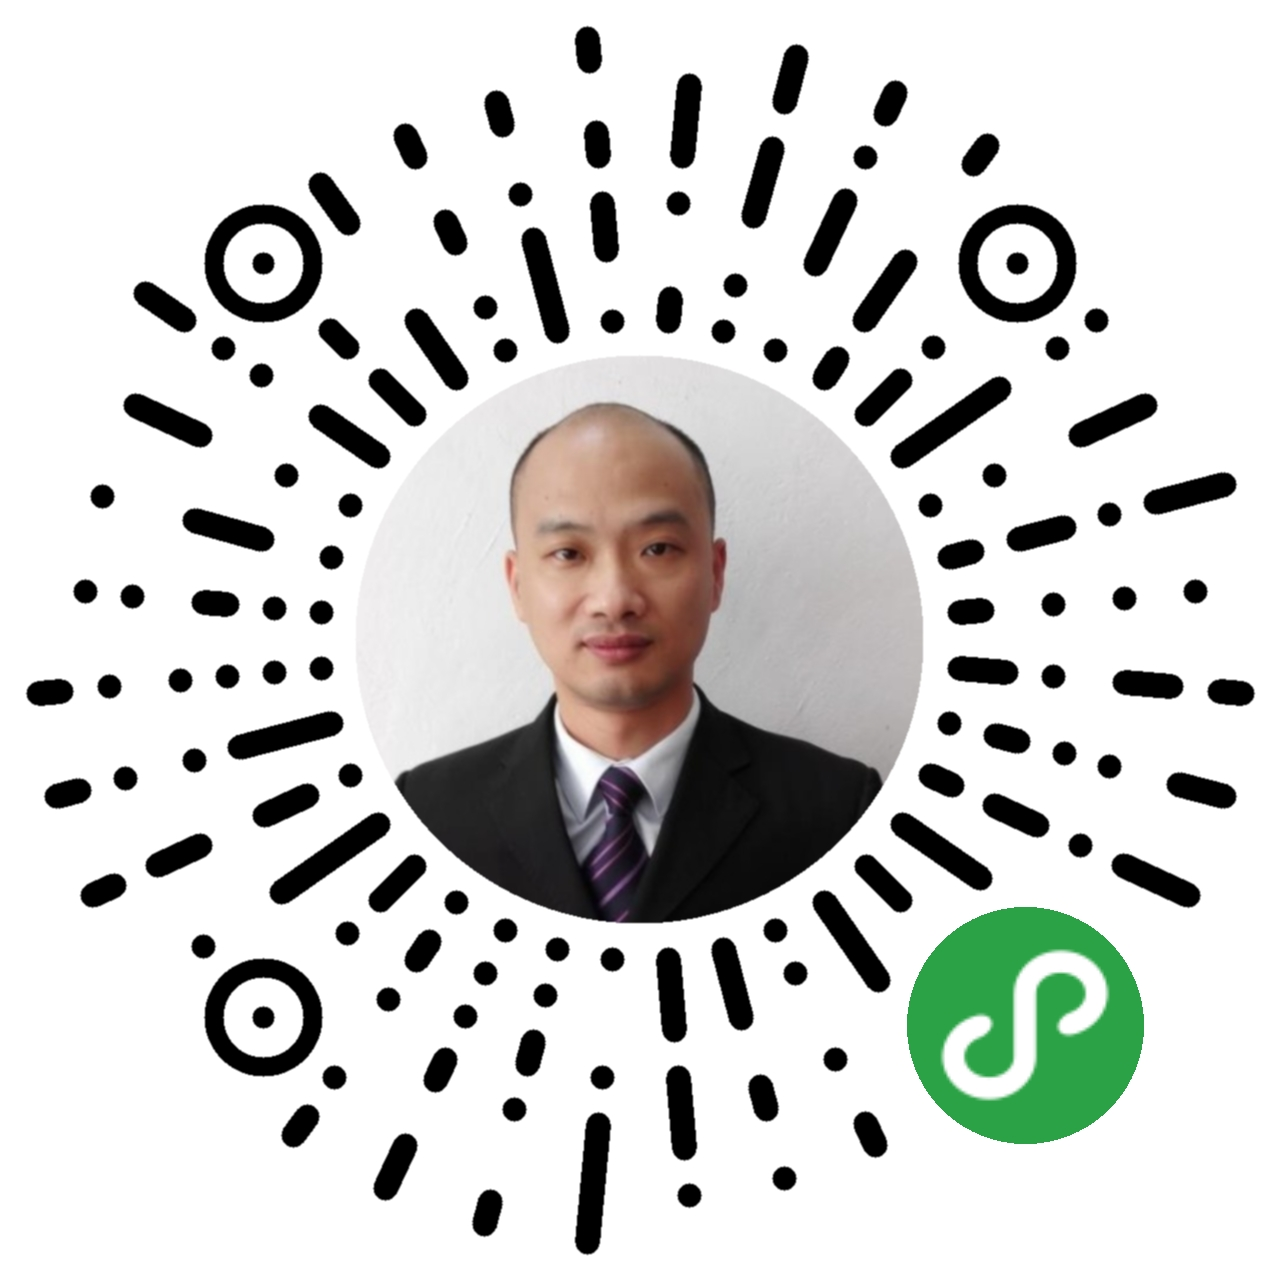 江西景德镇知名律师江晓辉二维码